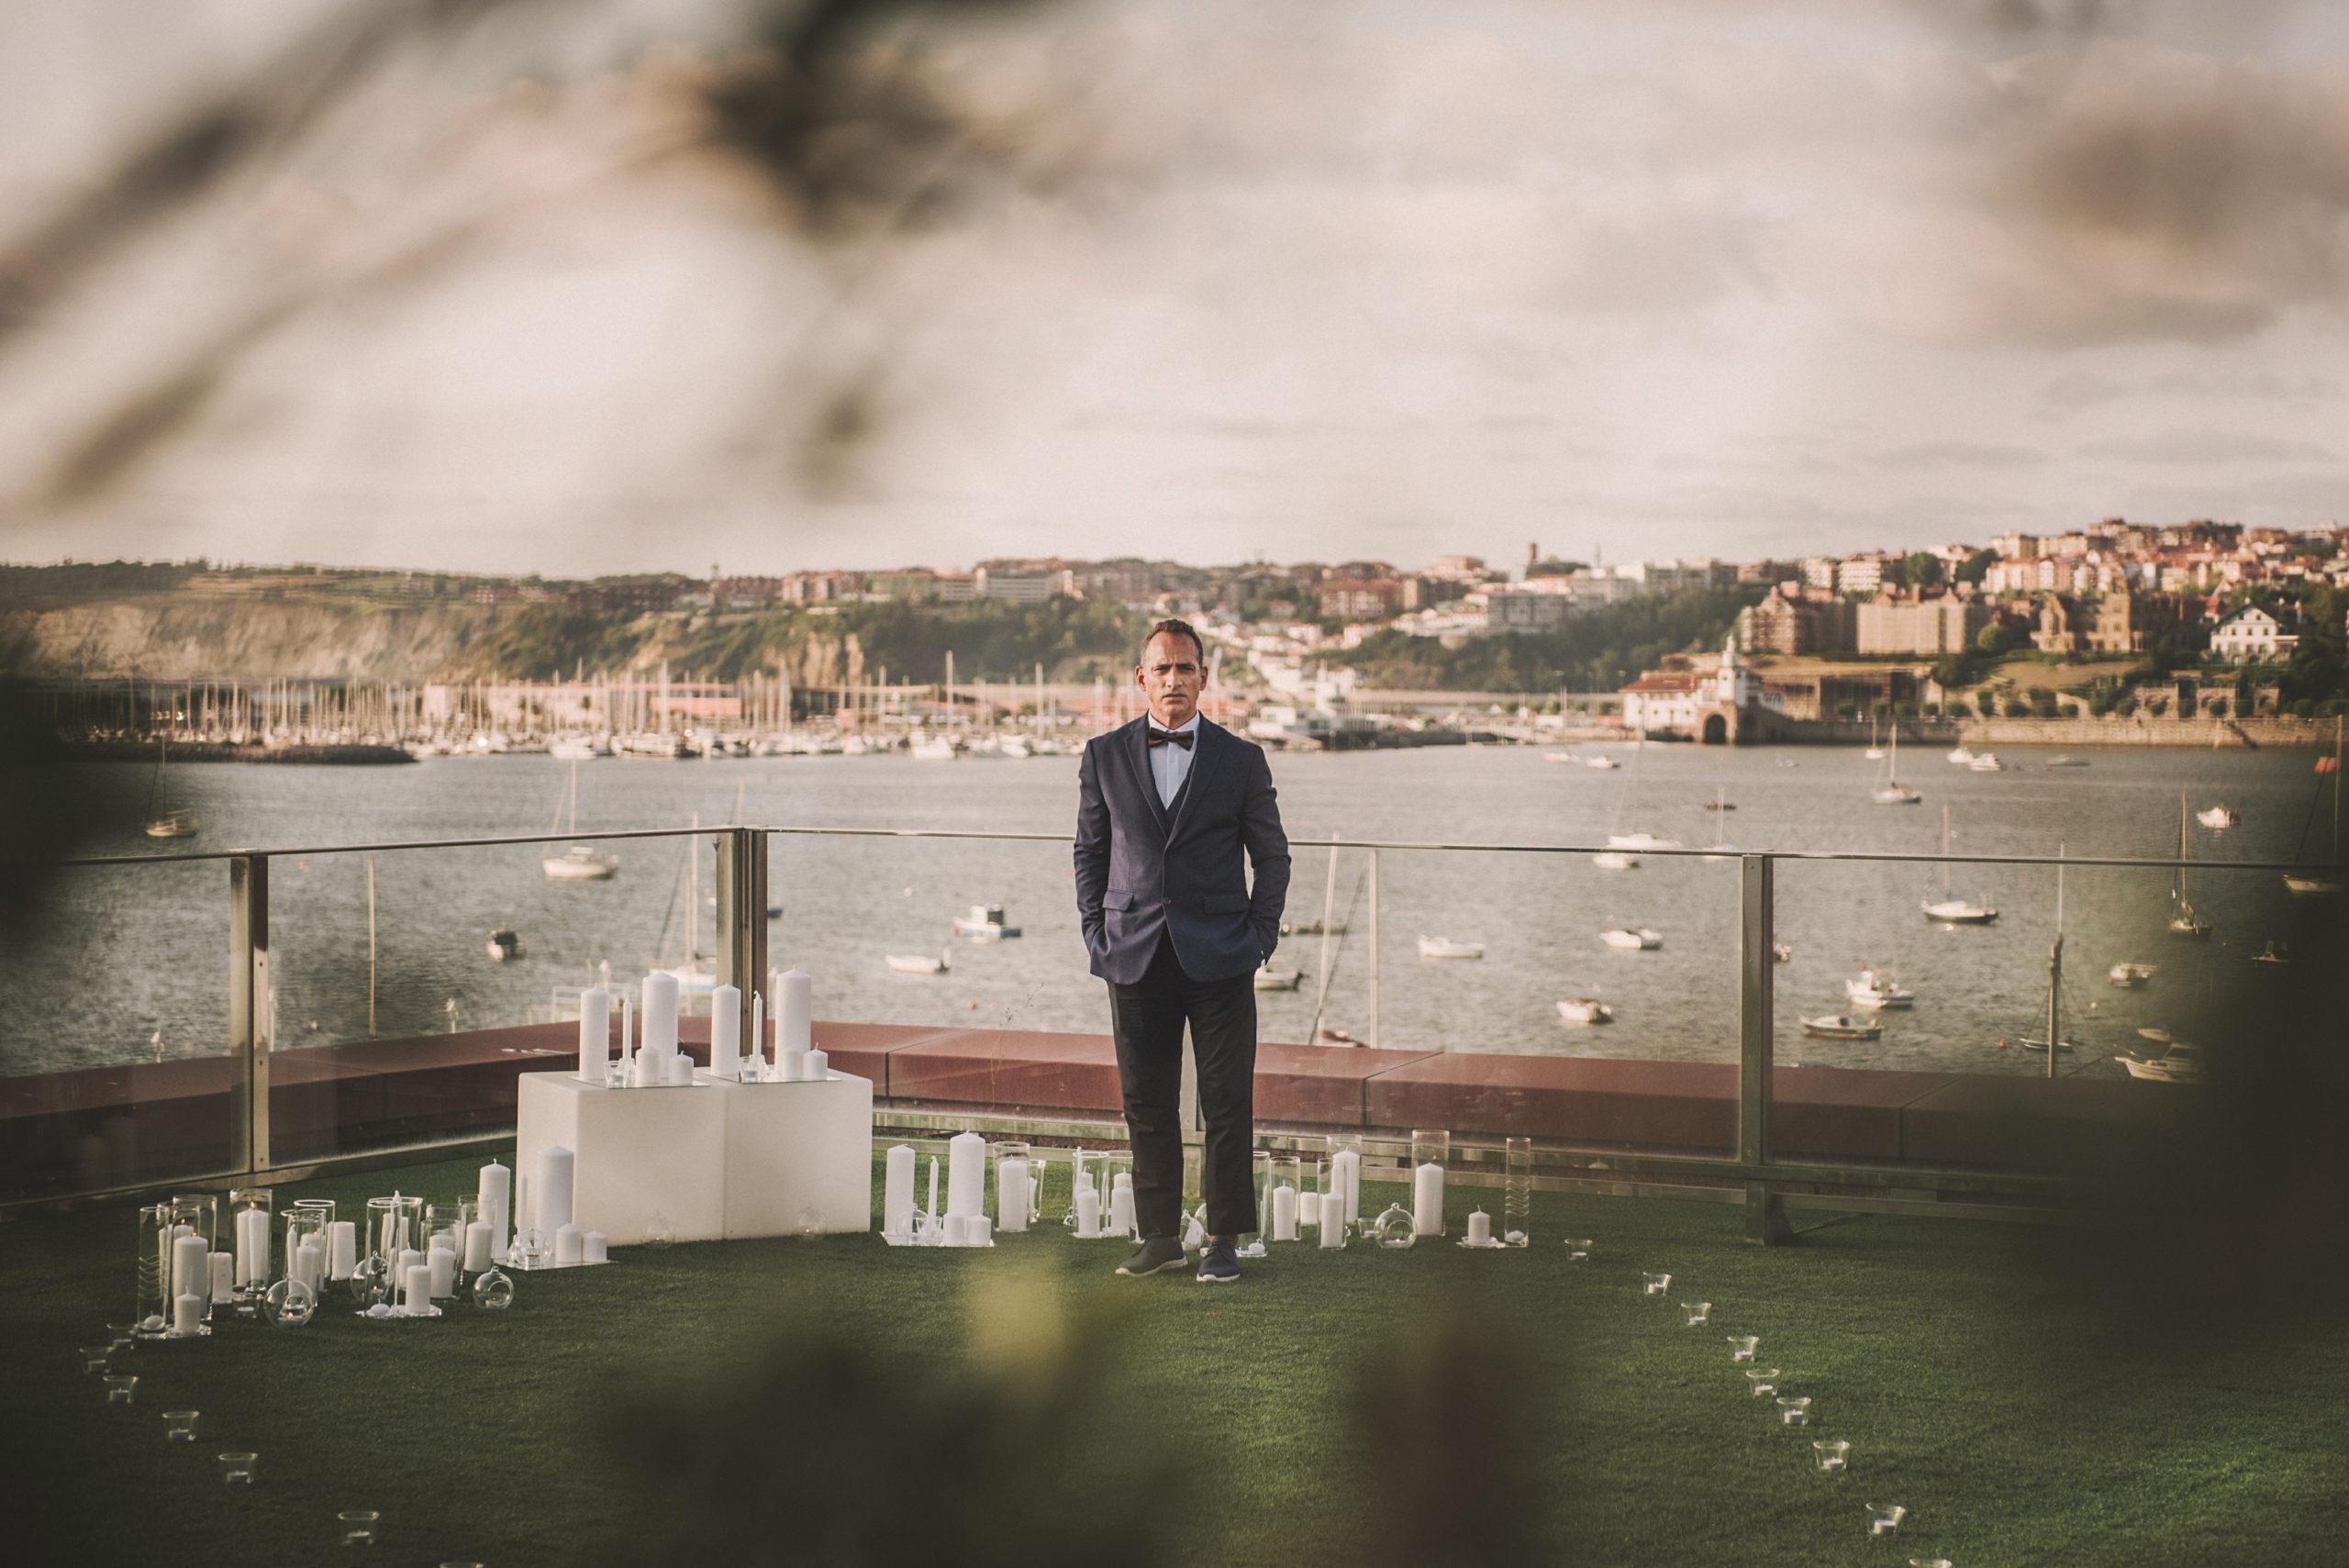 Novio a la espera de novia en un altar con velas frente al mar